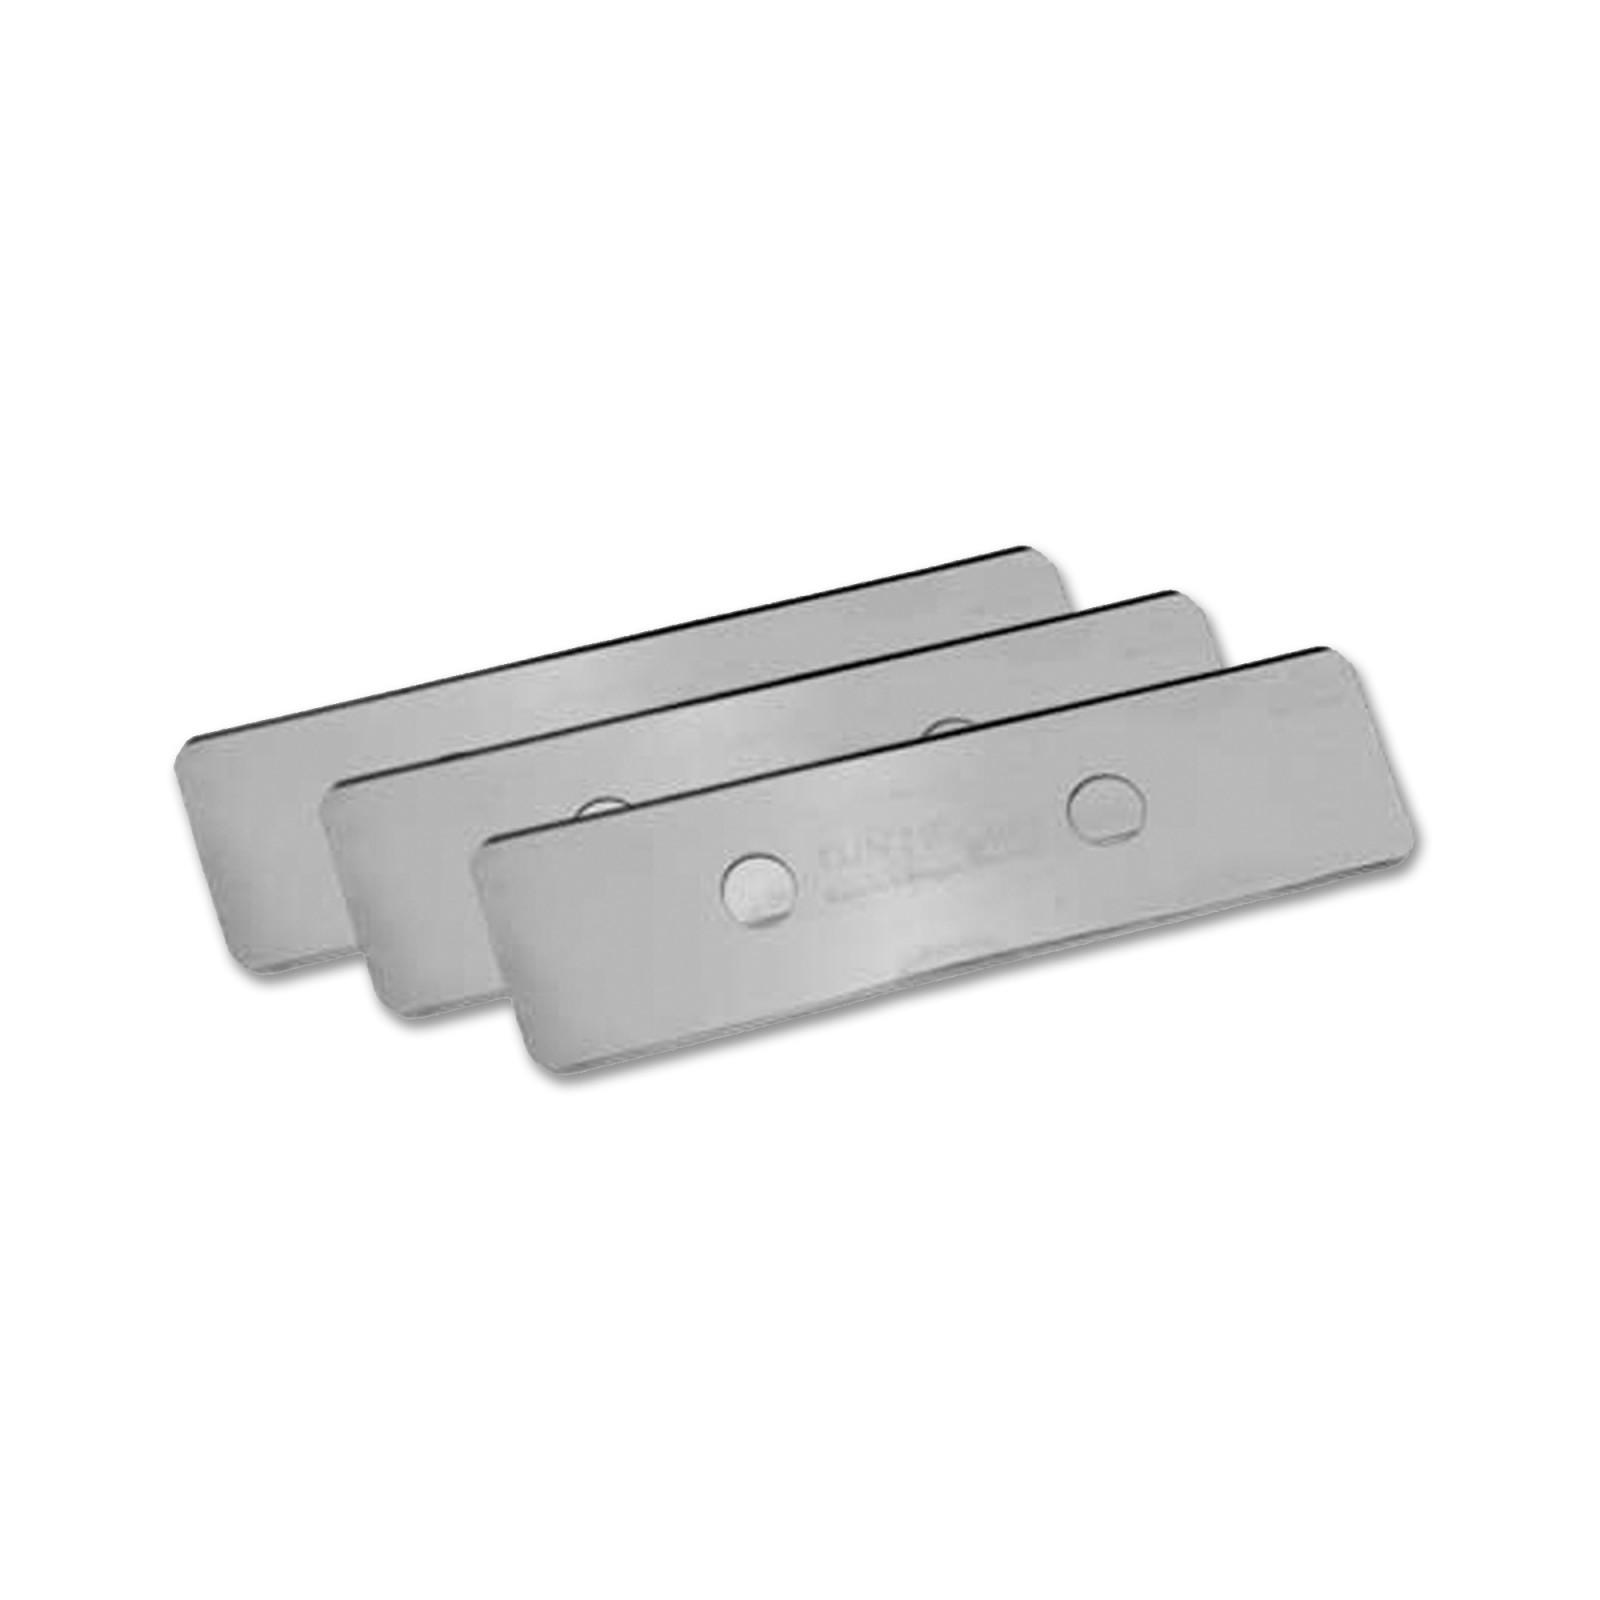 Tunze Care Magnet ricambio lamette in acciaio per calamita 86 mm 0220.155